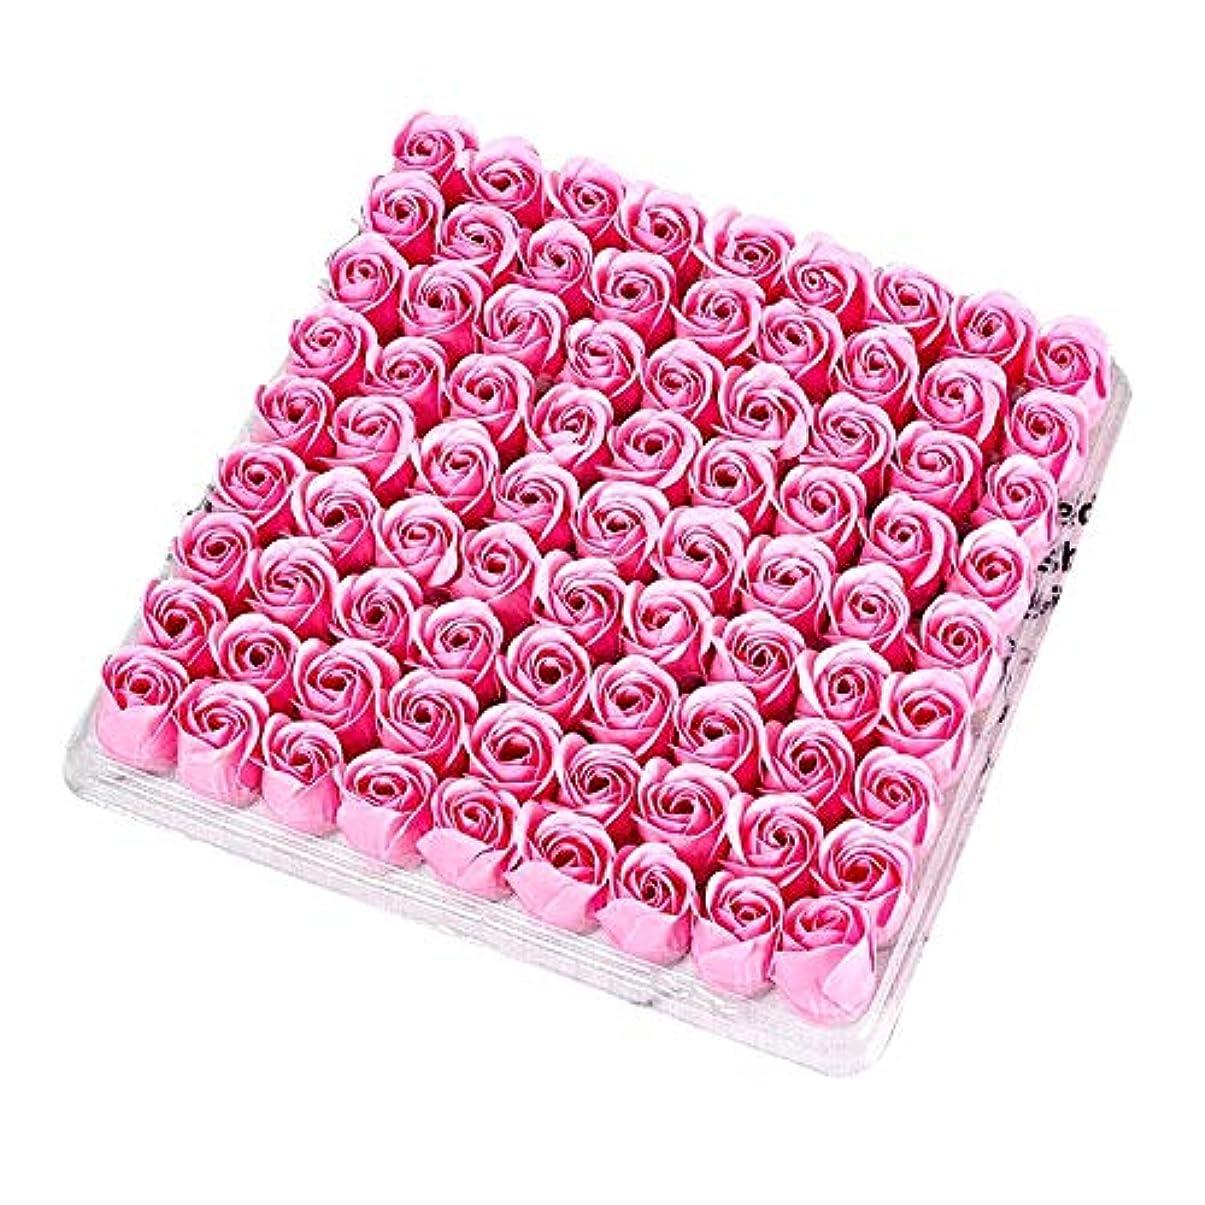 重要傷つきやすいパシフィックSODIAL 81個の薔薇、バス ボディ フラワー?フローラルの石けん 香りのよいローズフラワー エッセンシャルオイル フローラルのお客様への石鹸 ウェディング、パーティー、バレンタインデーの贈り物、ピンク